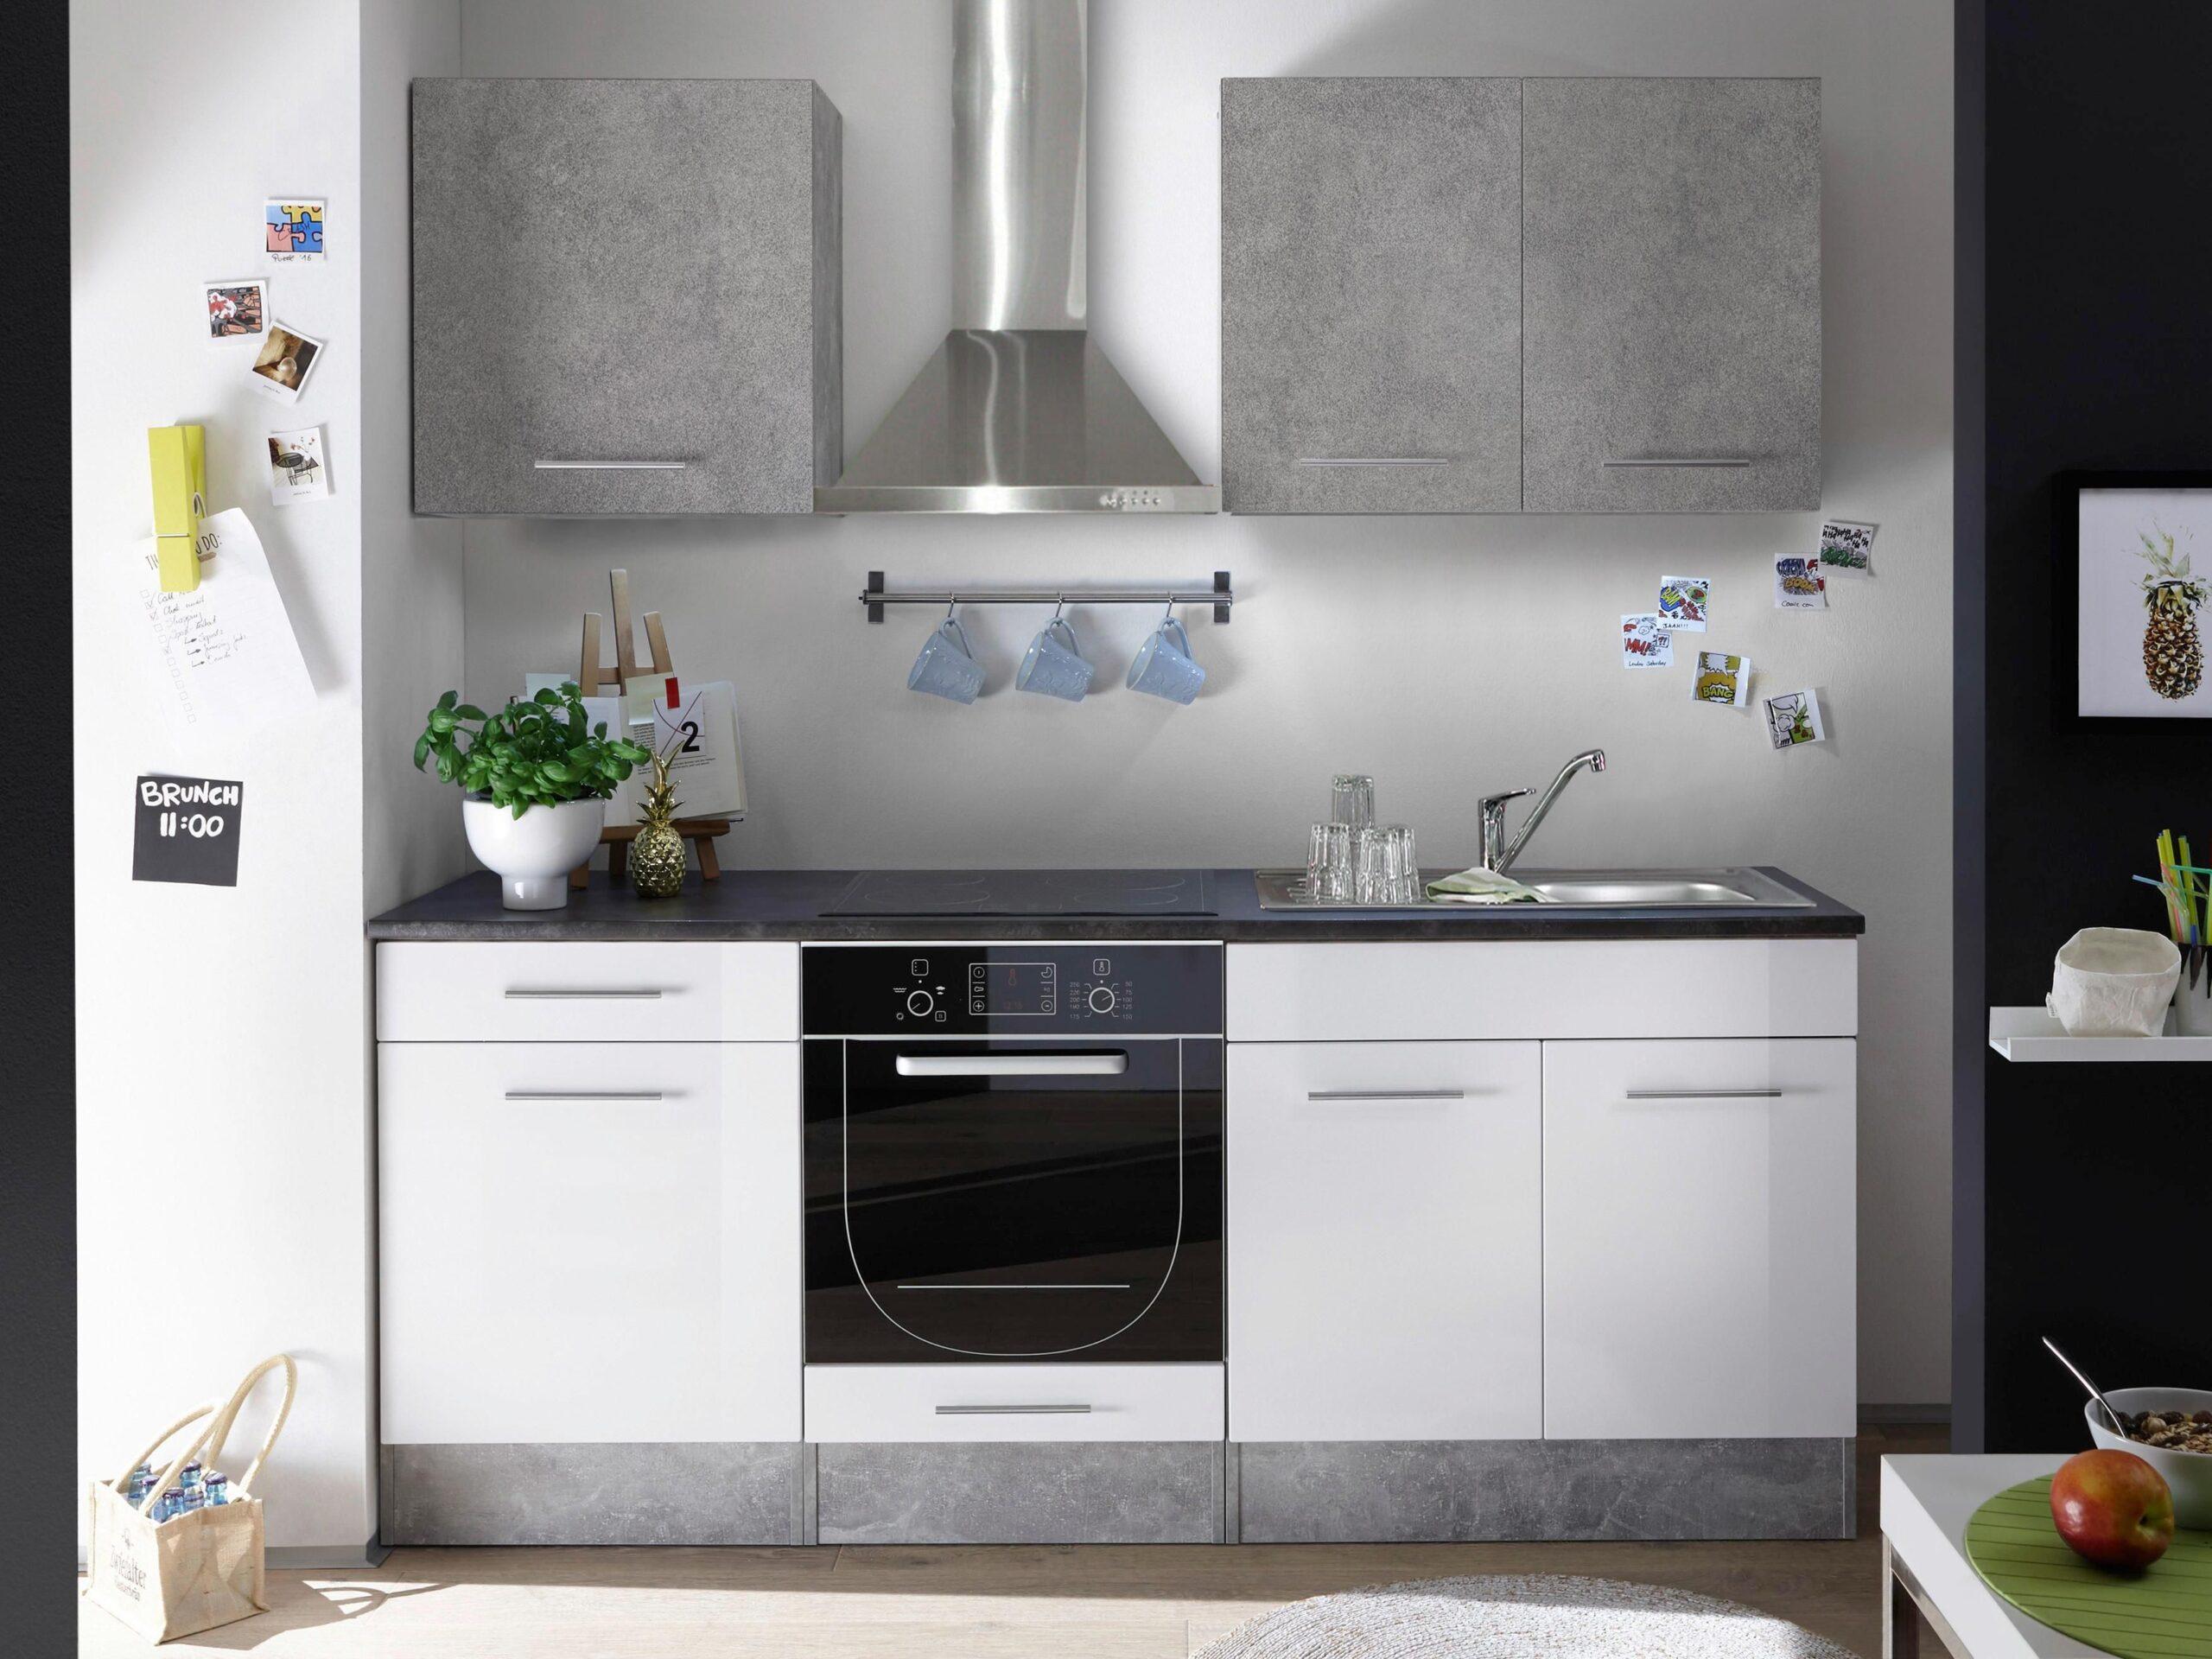 Full Size of Möbelix Küchen Pin Von Raimona Barth Auf Living In 2020 Kche Block Regal Wohnzimmer Möbelix Küchen